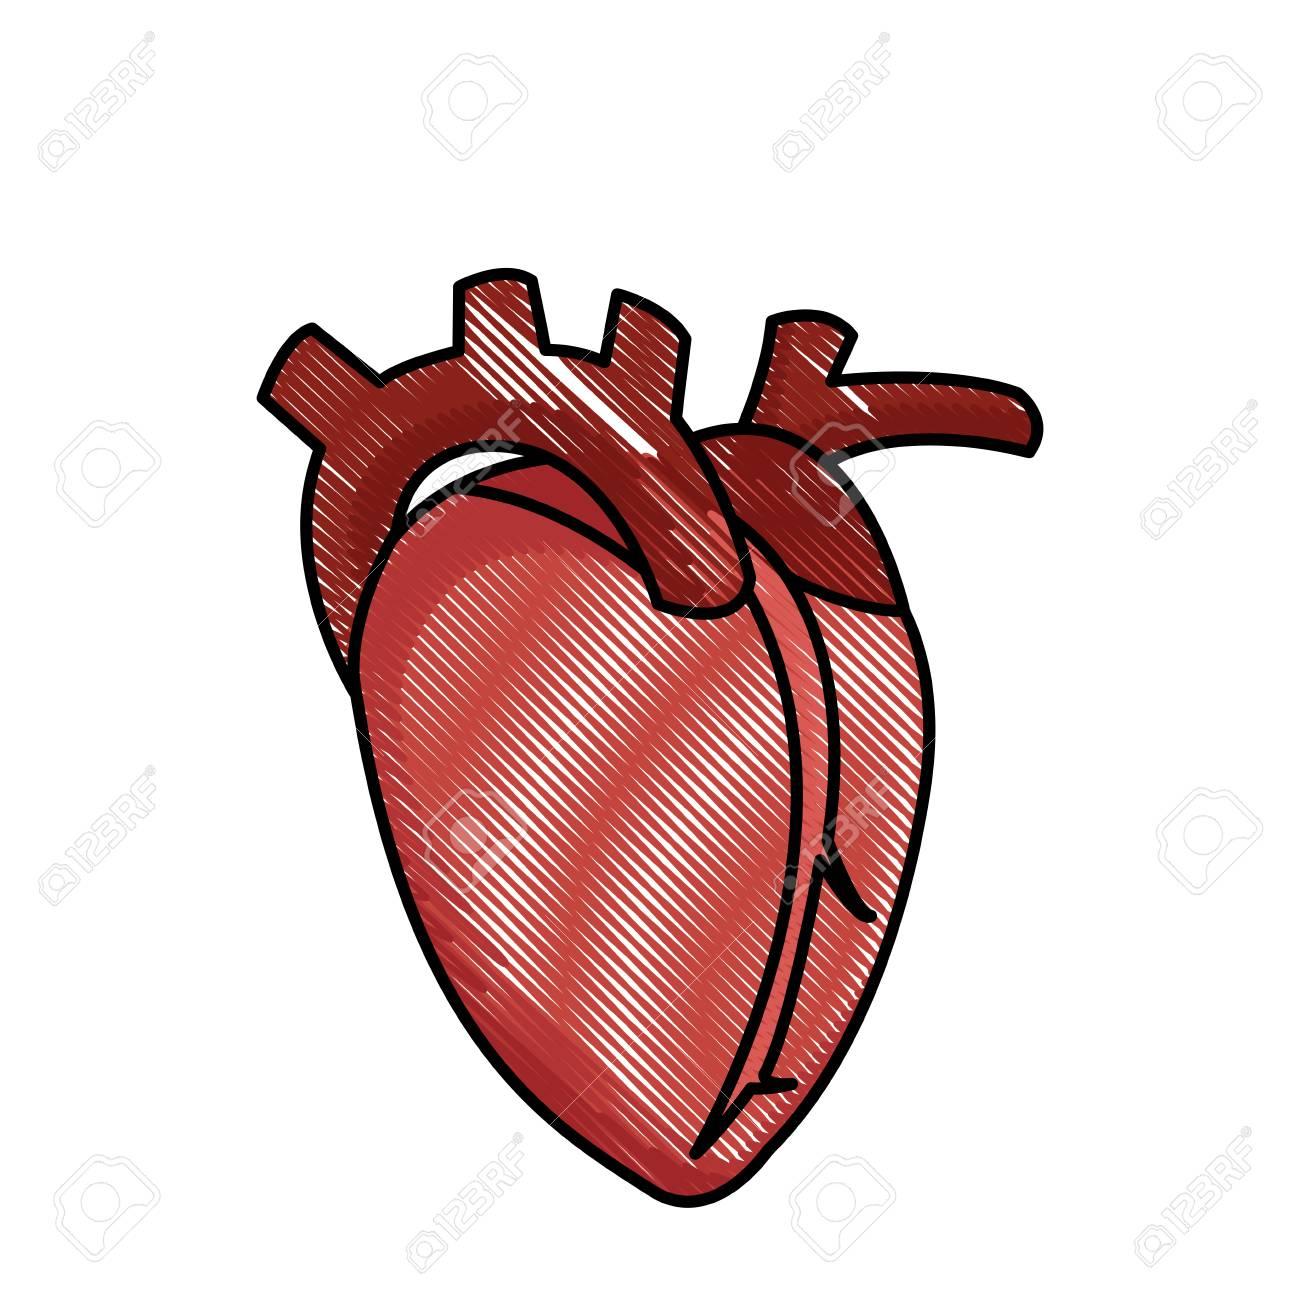 Ilustración De Vector Saludable De Corazón Humano Dibujo Corazón